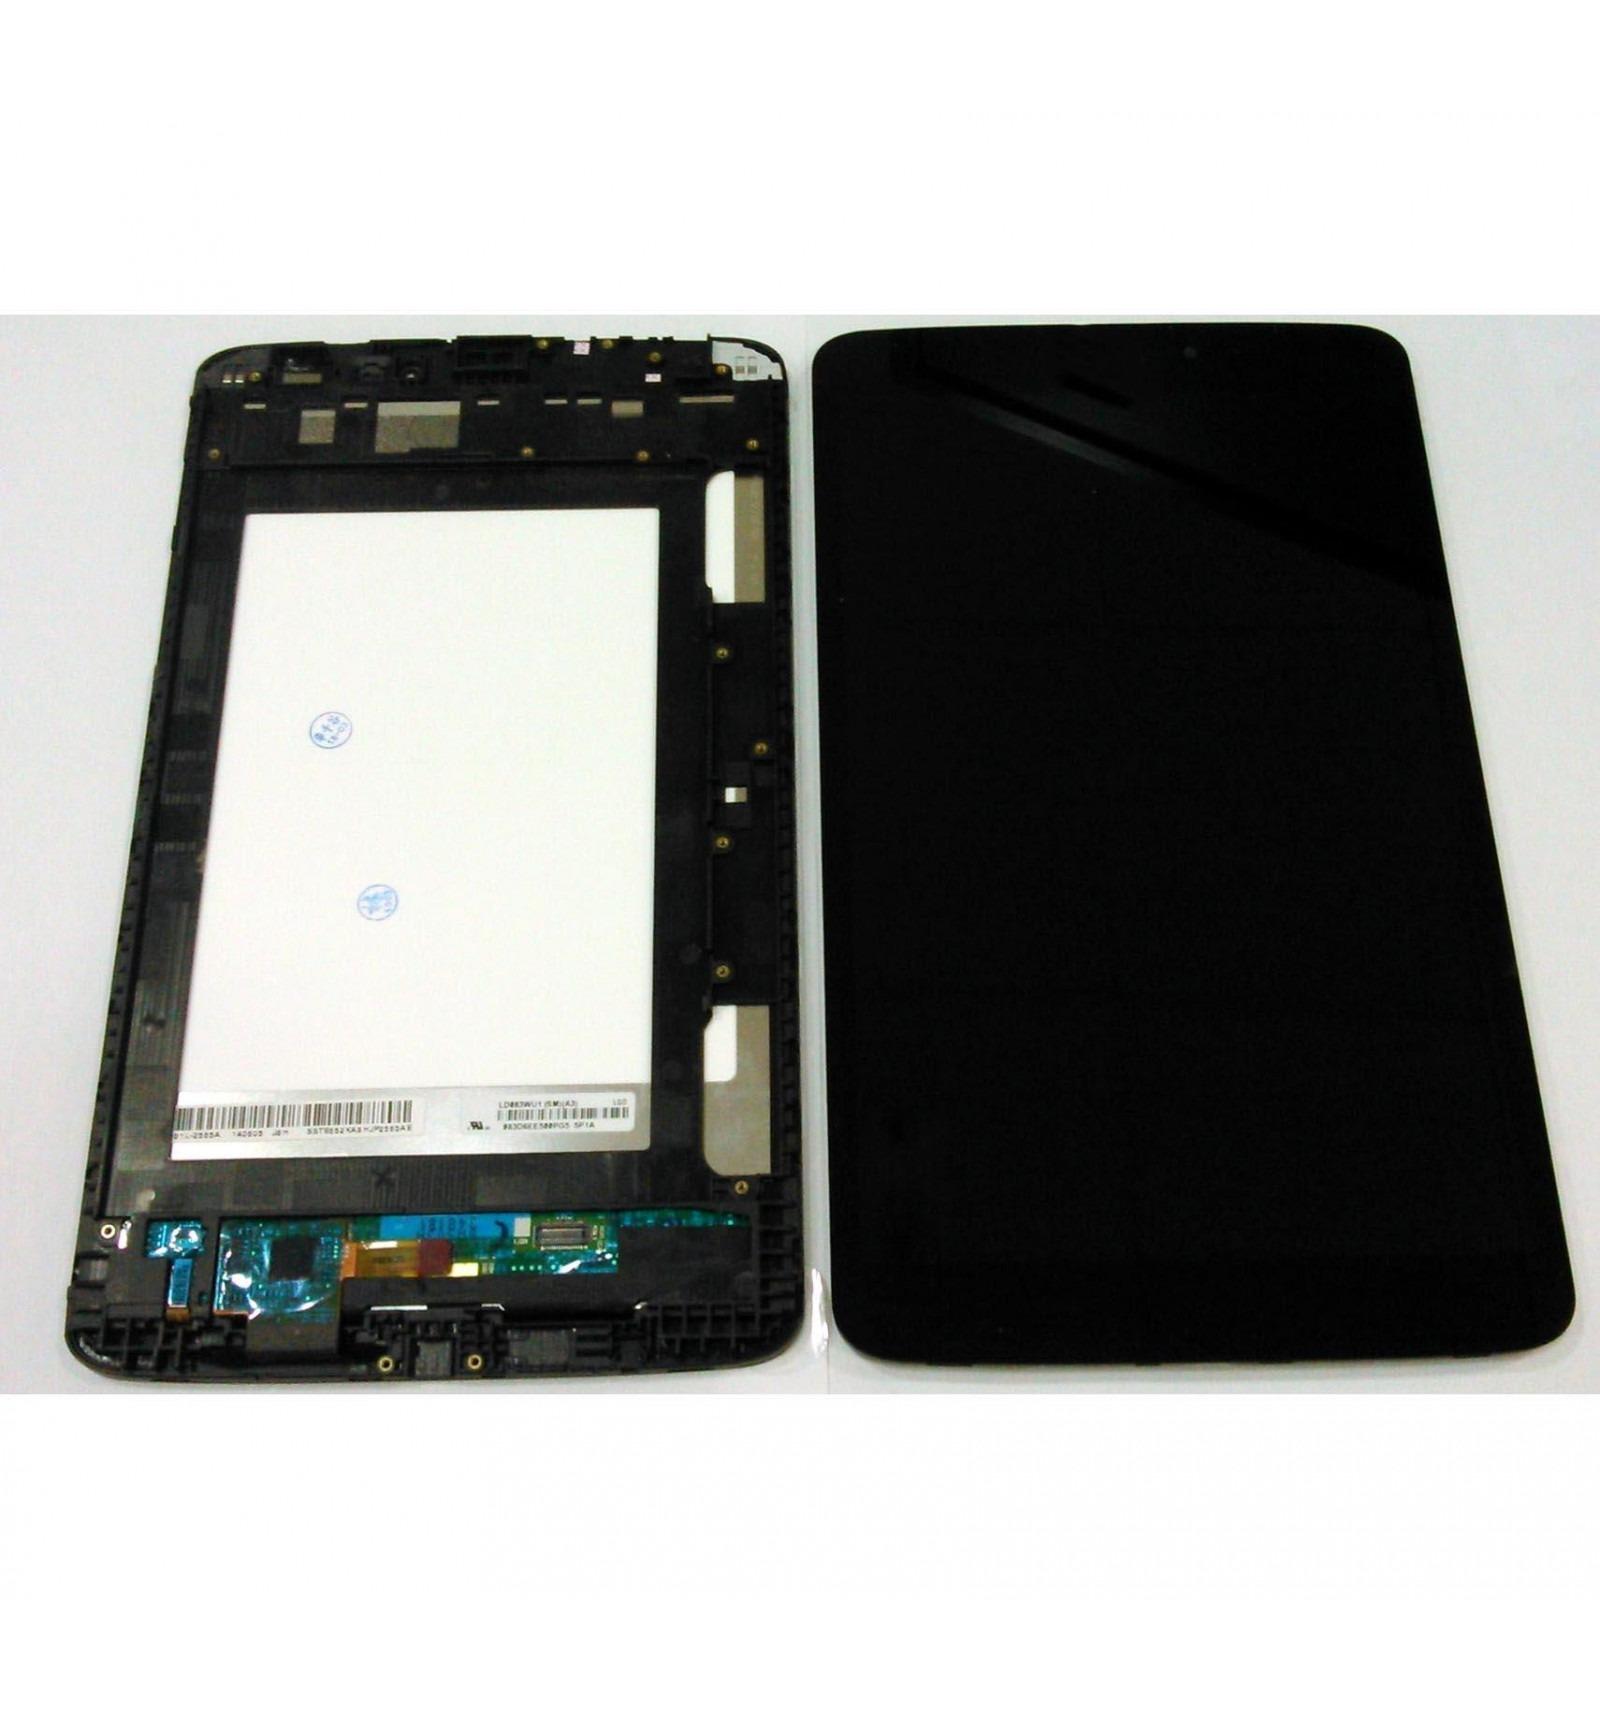 LG G Tablet Pad 8.3 V500 Wifi pantalla lcd + tactil negro + marco ...